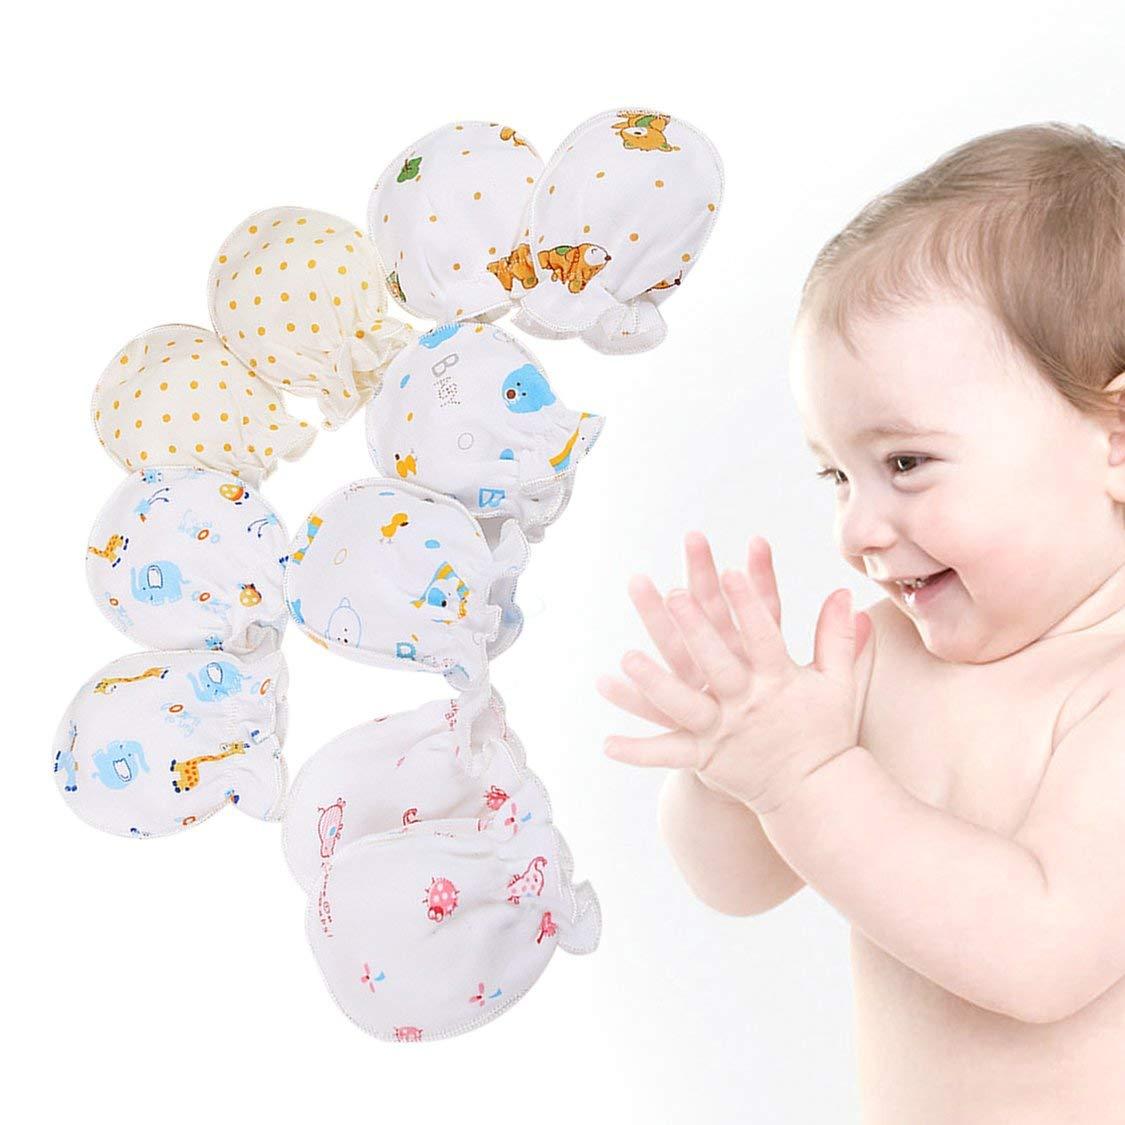 Winter Voll Baumwolle Neugeborenes Baby Jungen M/ädchen Anti Greifen Handschuhe Atmungsaktiv Warm Halten S/äuglingsgesicht Sch/ützen Handschuhe 0-3 Monate